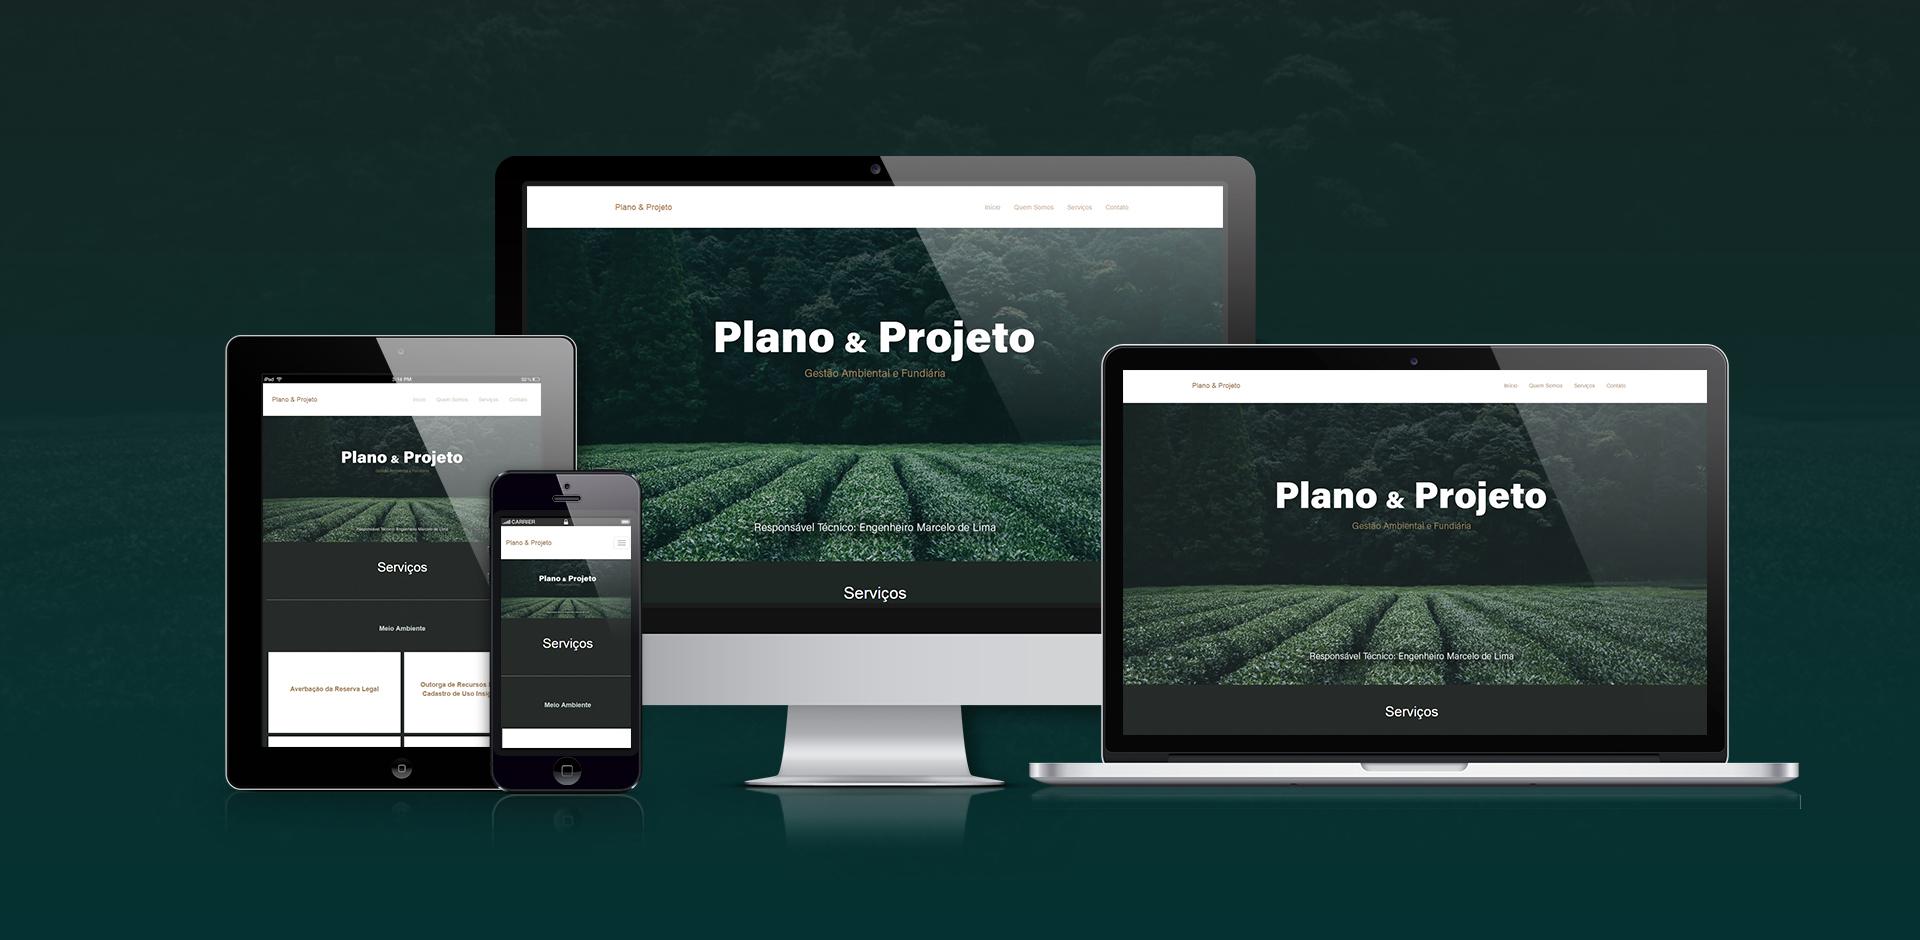 Plano e Projeto. Desenvolvimento de site responsivo e com gerenciamento de conteúdo pelo cliente.